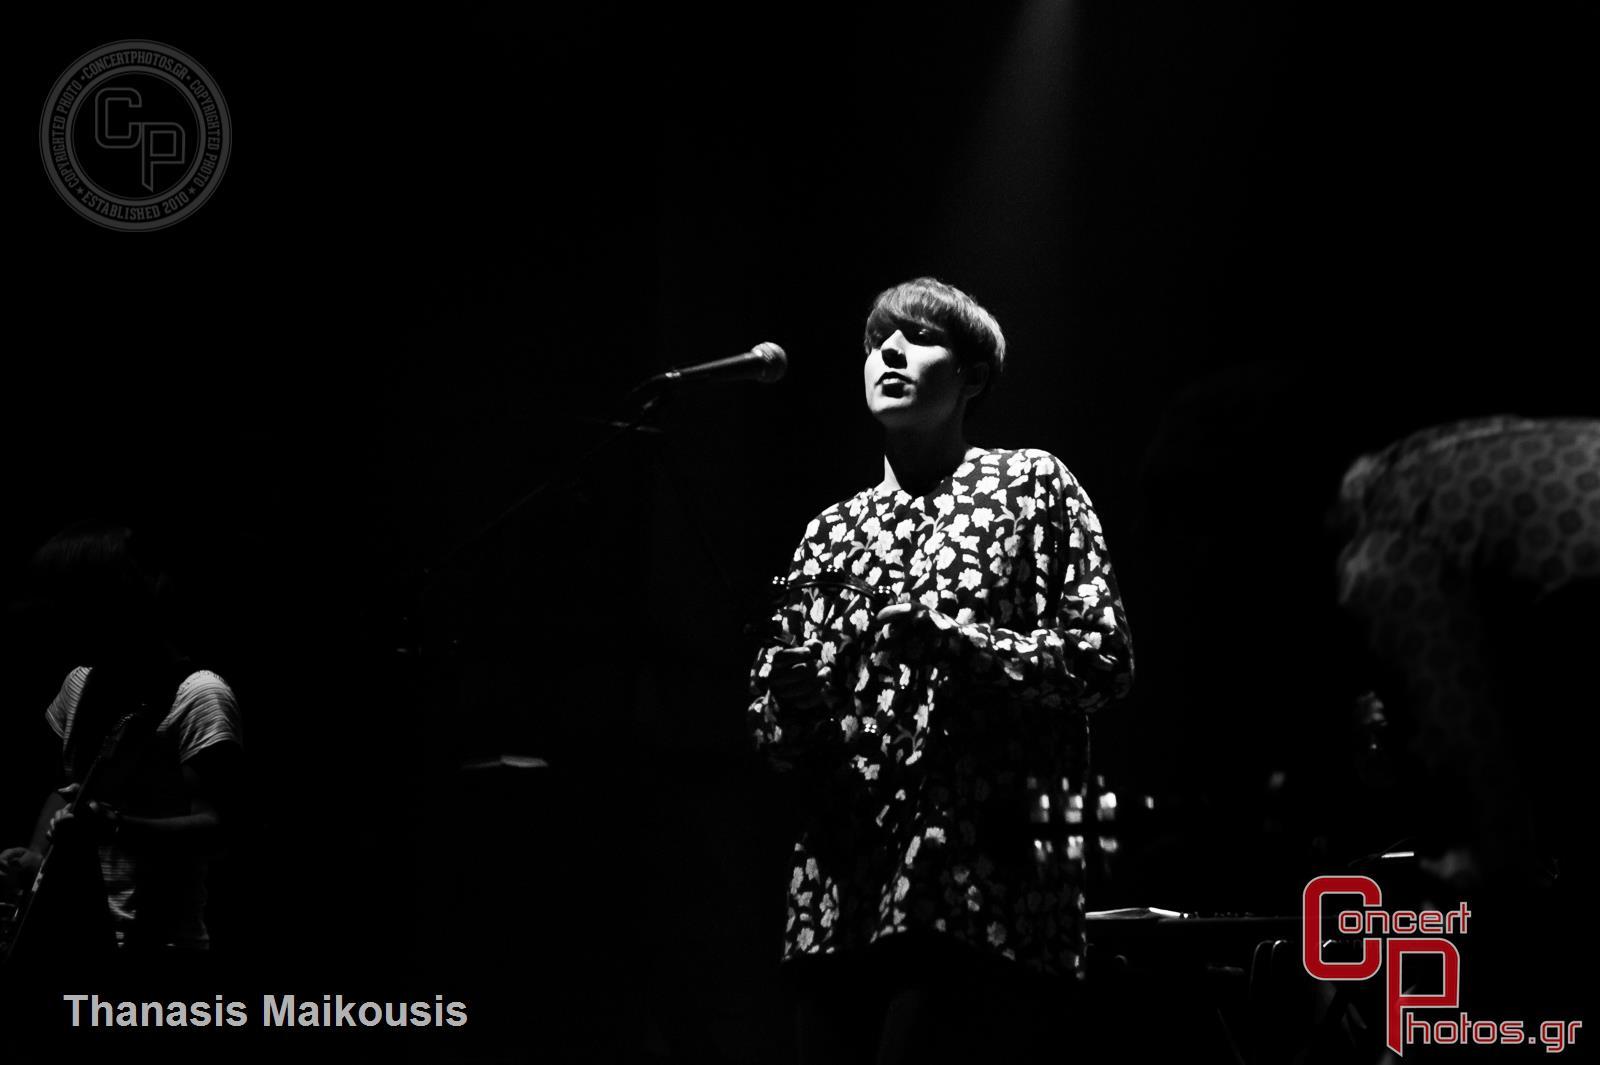 Allah Las & My Drunken Haze -Allah Las My Drunken Haze  photographer: Thanasis Maikousis - ConcertPhotos - 20141101_2302_37